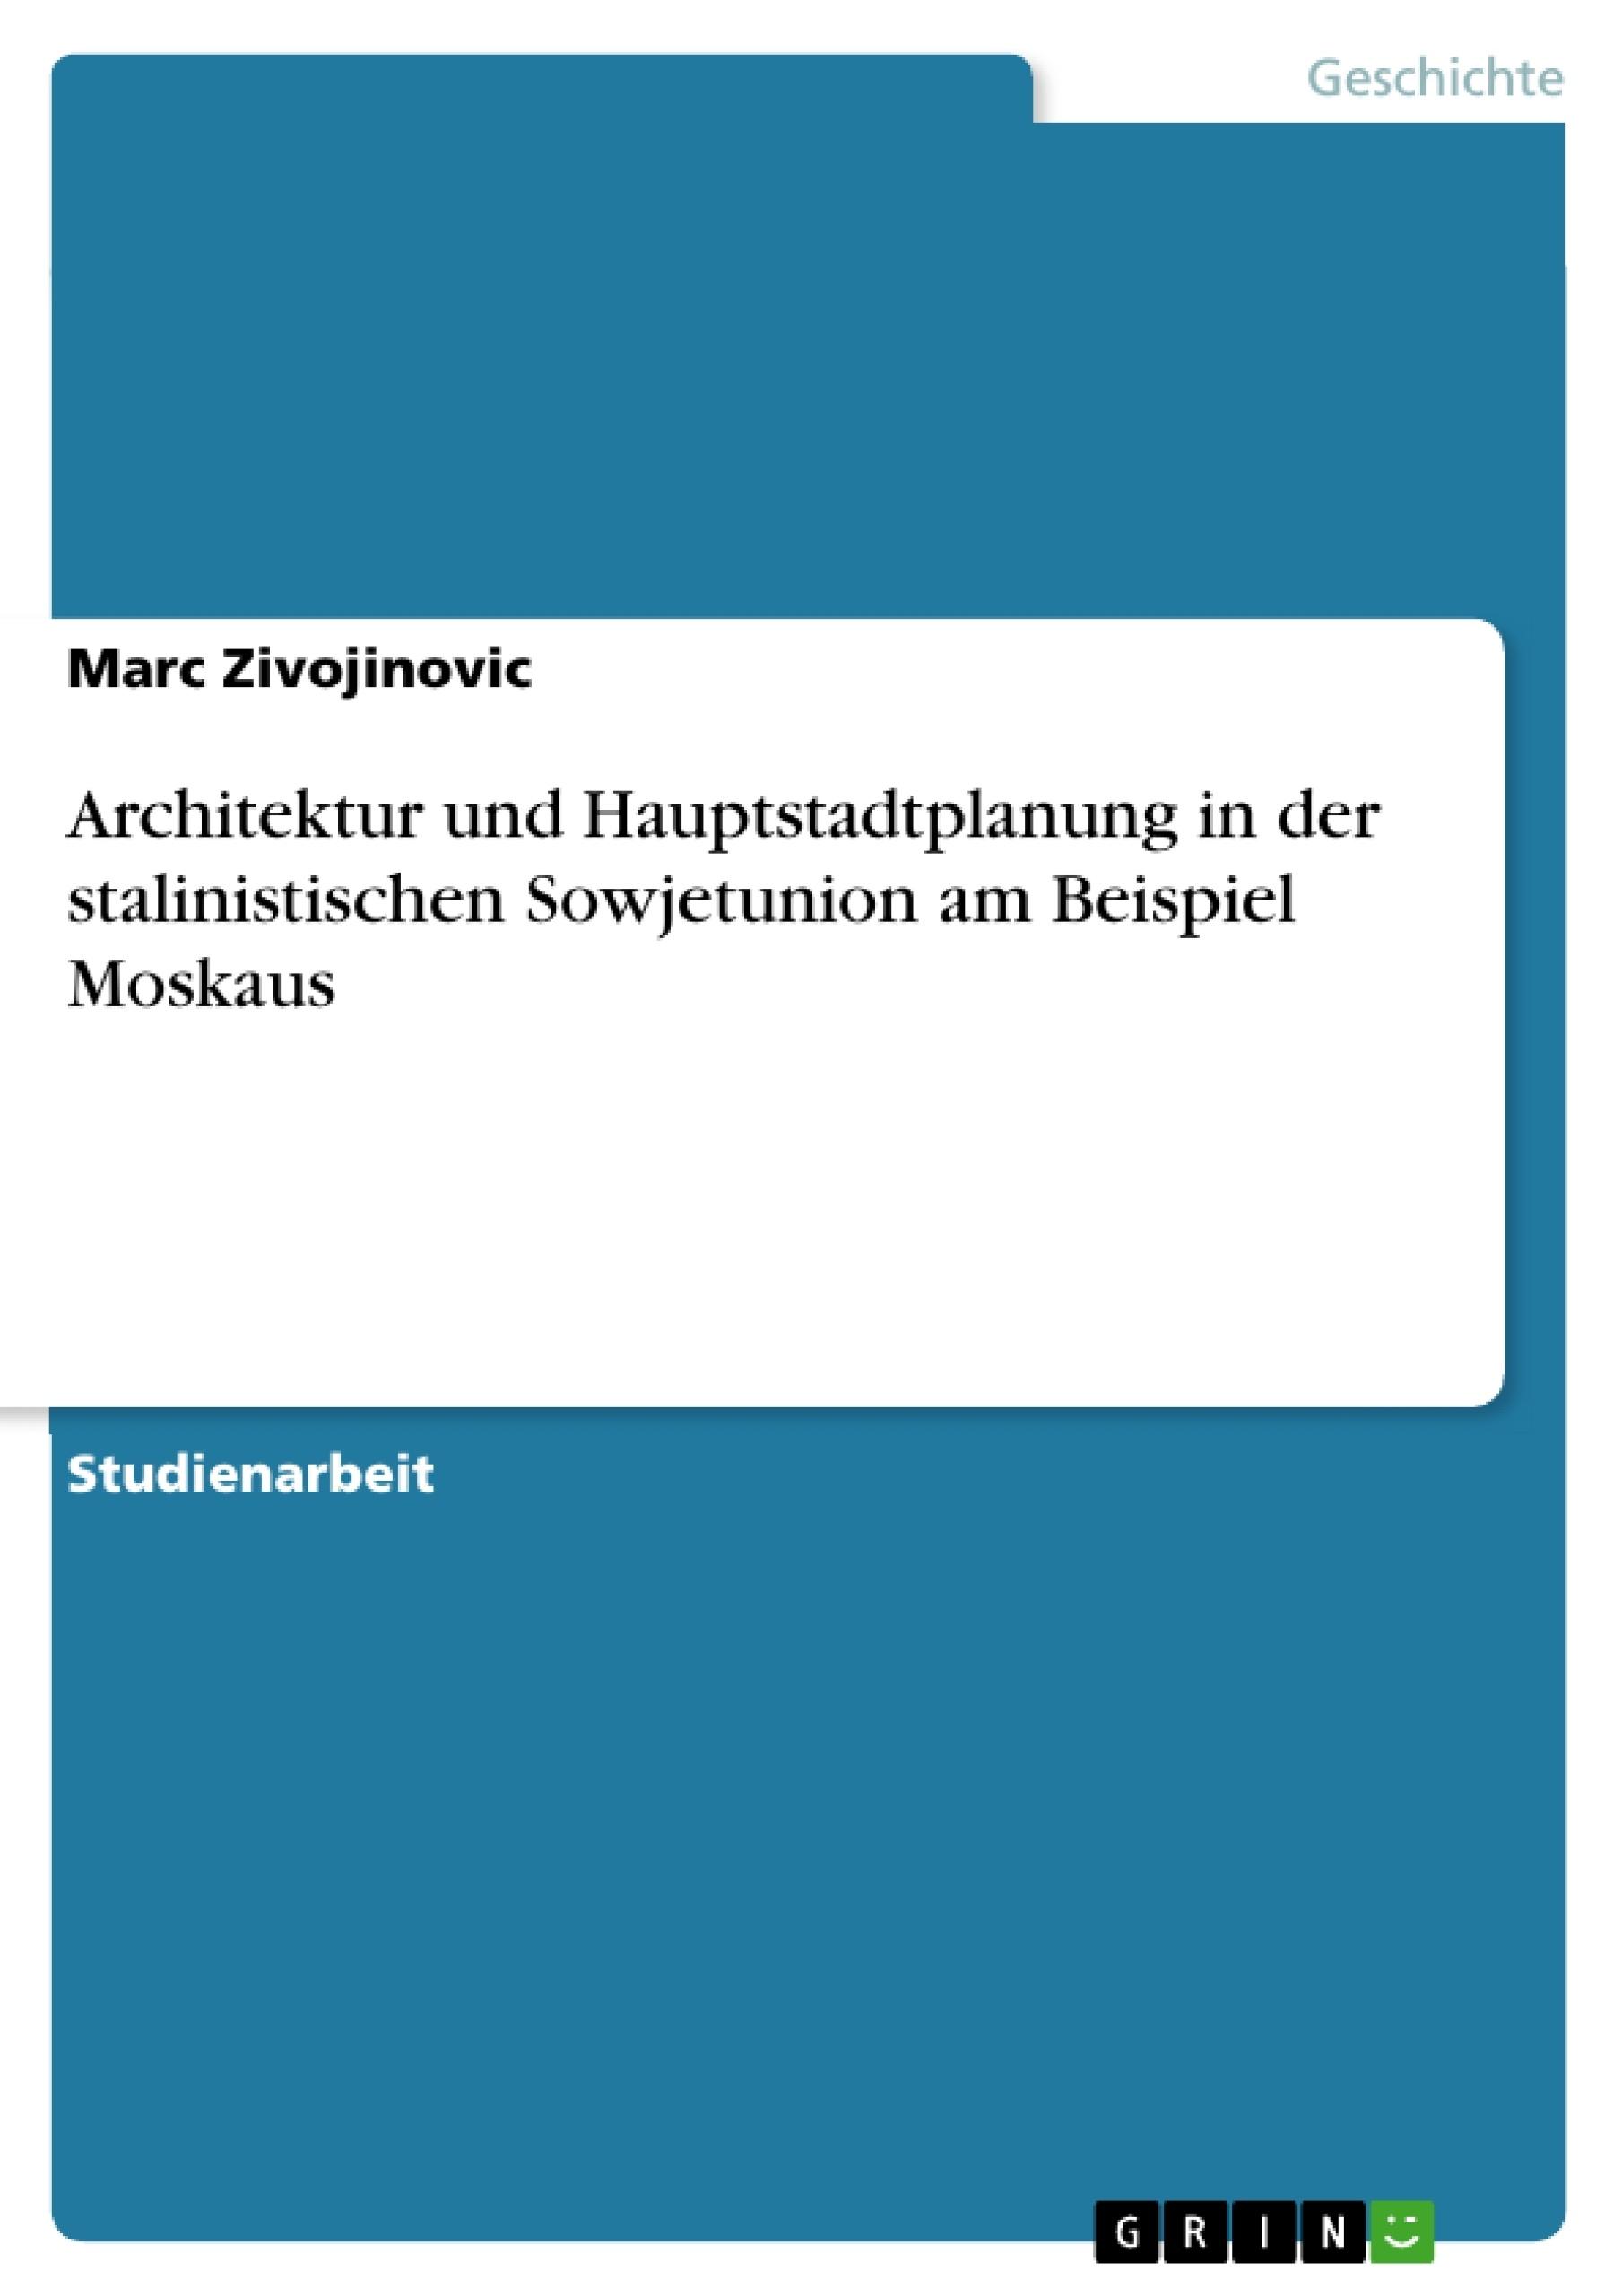 Titel: Architektur und Hauptstadtplanung in der stalinistischen Sowjetunion am Beispiel Moskaus